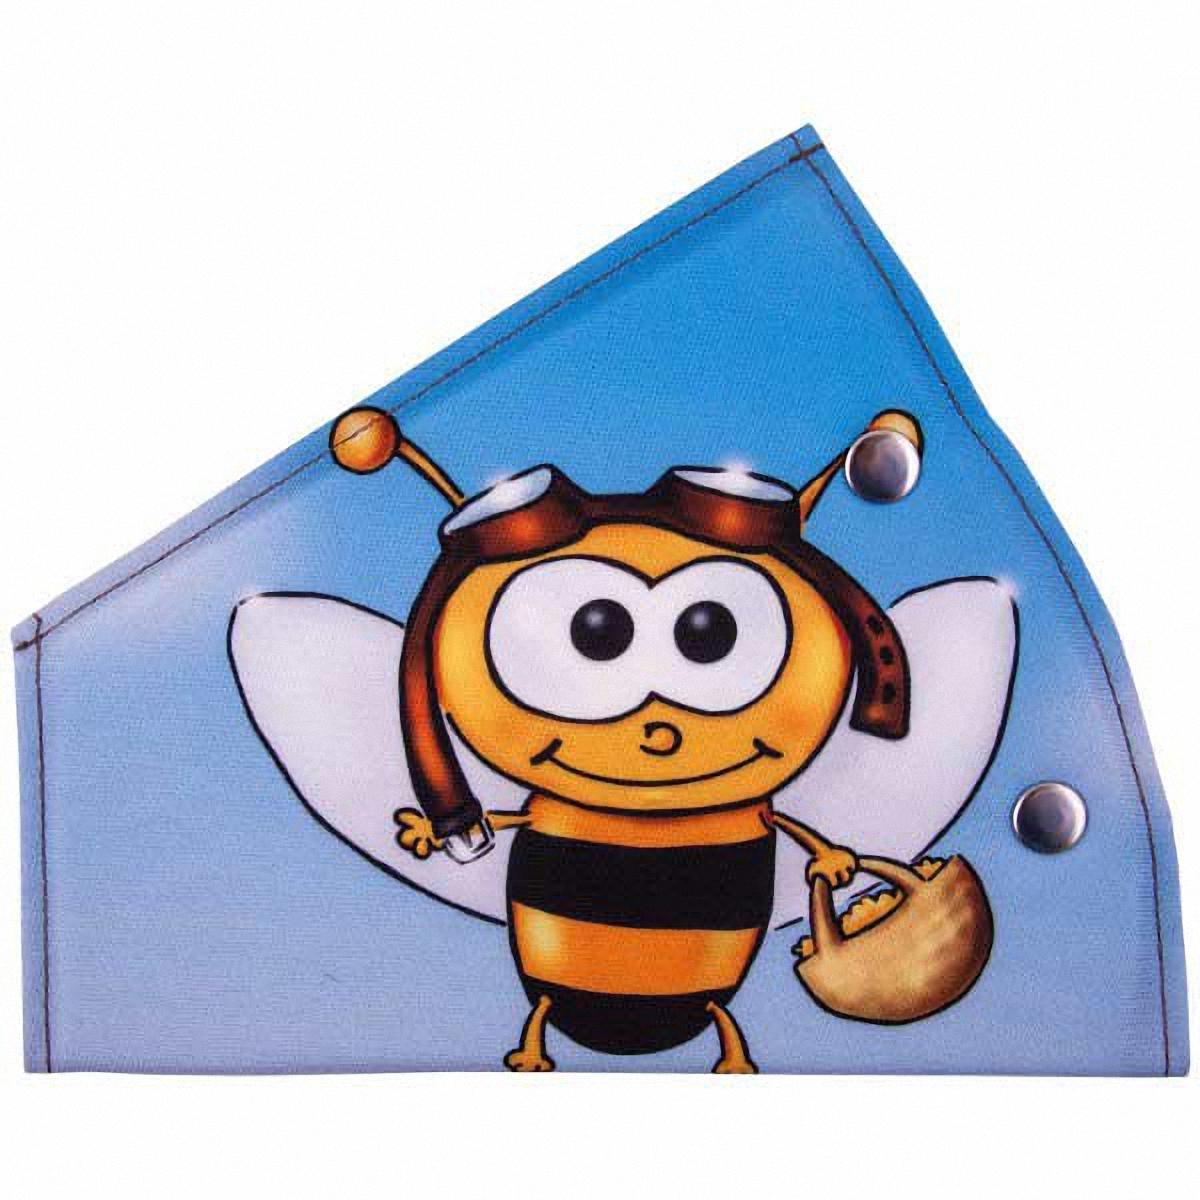 Адаптер ремня безопасности Skyway ПчелаS04007015Детский адаптер ремня безопасности, выполненный из полиэстера, удерживает ремень безопасности в положении, удобном для человека небольшого роста. Удерживающее устройство можно установить на любой трёхточечный ремень безопасности. При перевозке ребёнка до 12 лет адаптер ремня безопасности разрешено устанавливать только на ремни заднего сиденья.Тип крепления: кнопки.